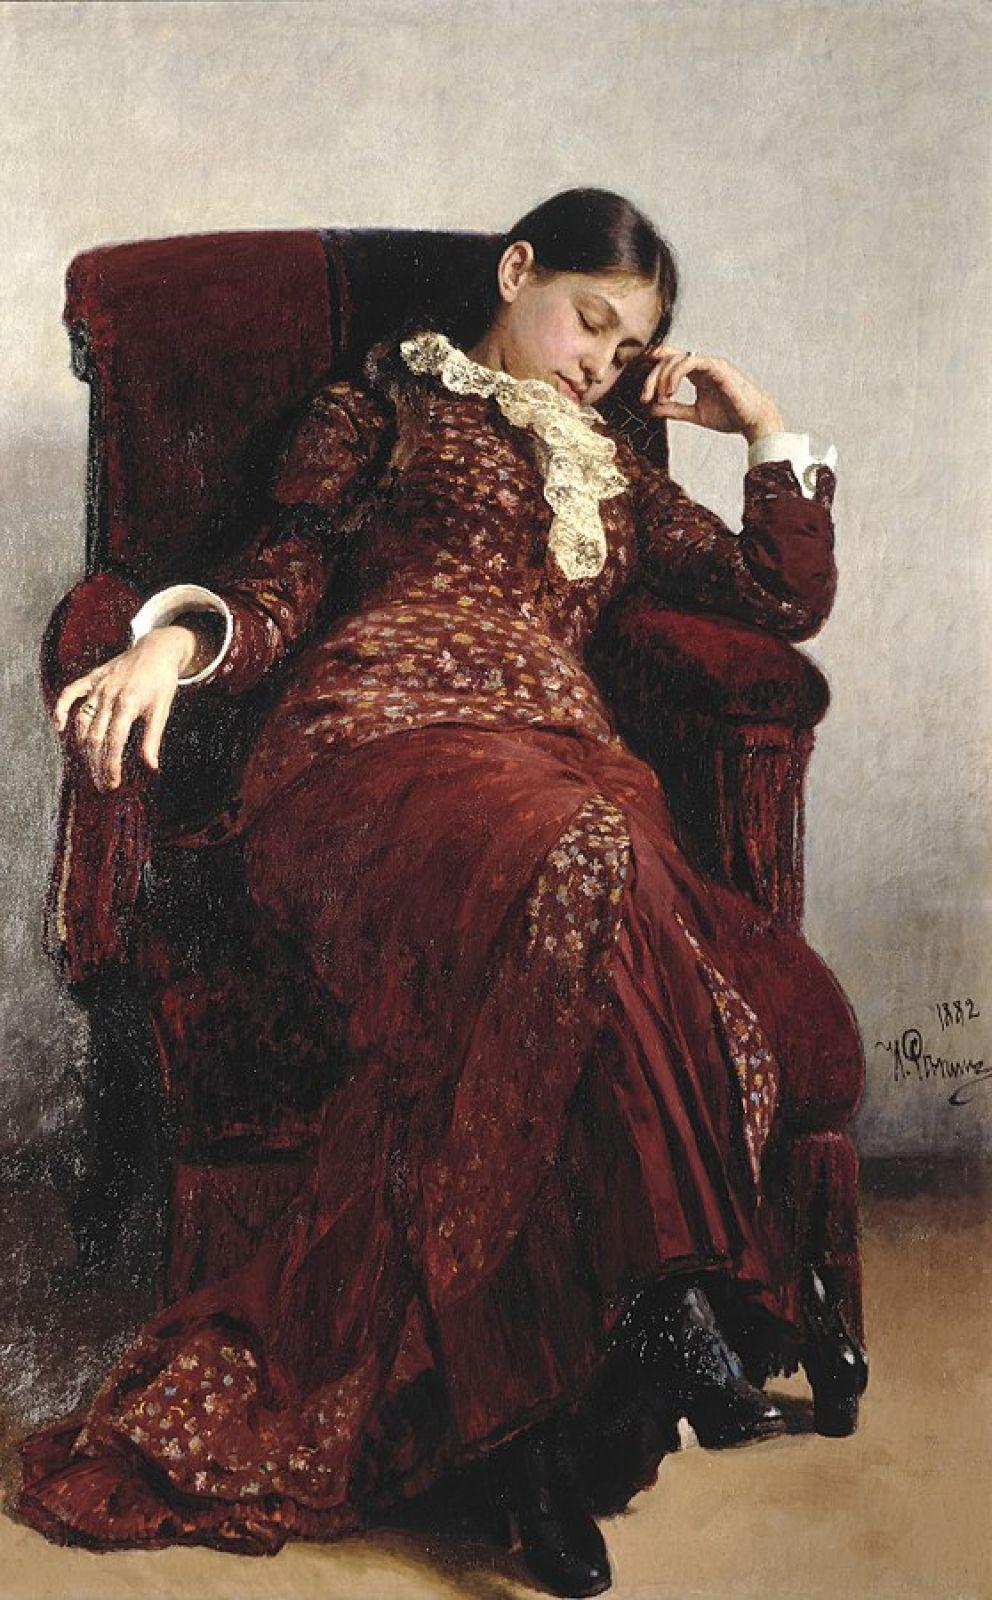 Репин писал много портретов своих близких. Так, Илья Ефимович создал несколько портретов Веры Алексеевны, в том числе картину «Отдых» (1882).